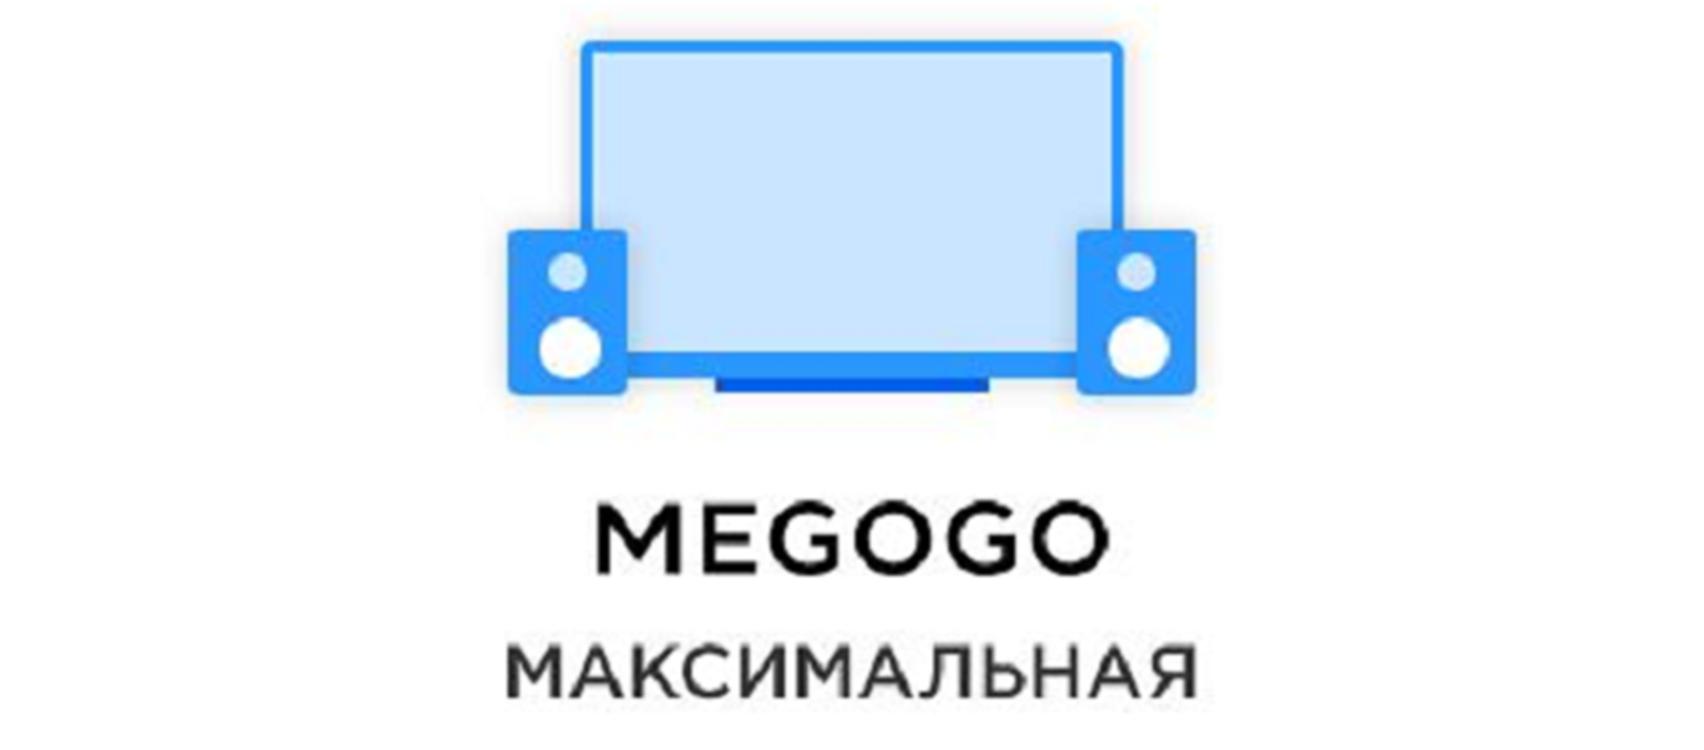 Megogo (максимальная)